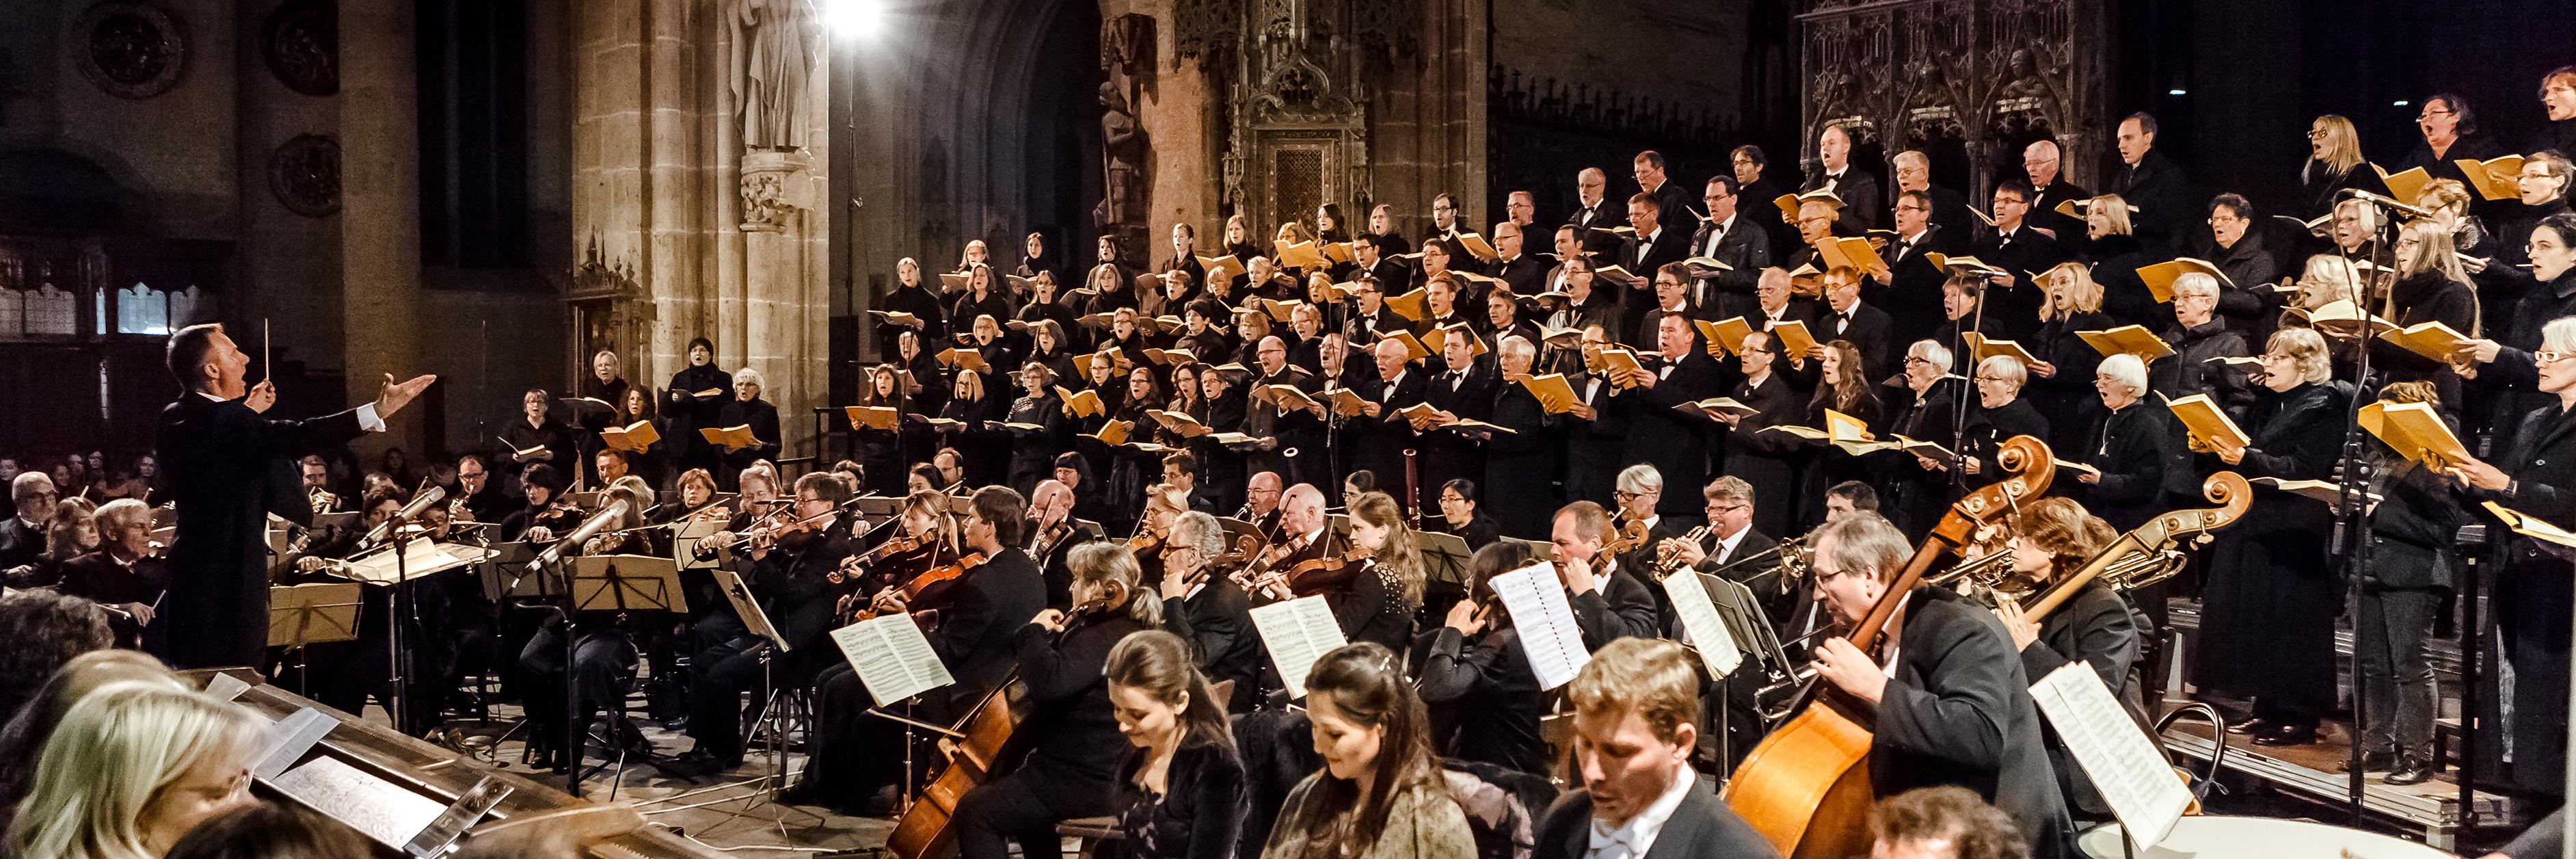 Jubilaeumskonzert Oratorienchor Ulm